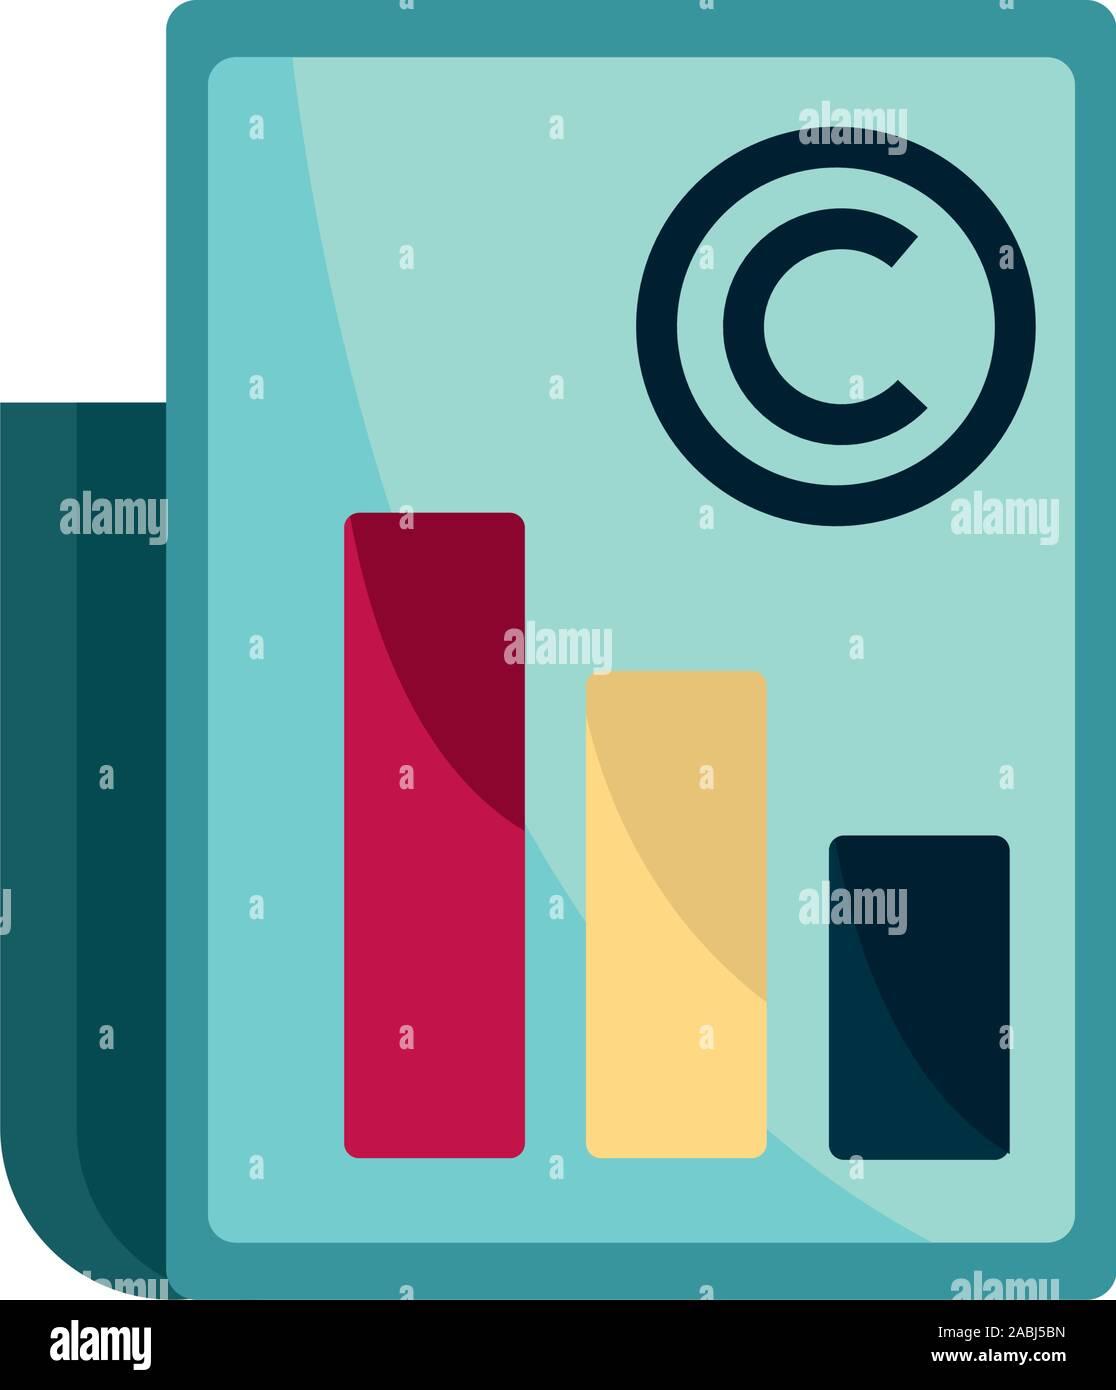 Schema Document Property intellettuale icona copyright illustrazione vettoriale Illustrazione Vettoriale